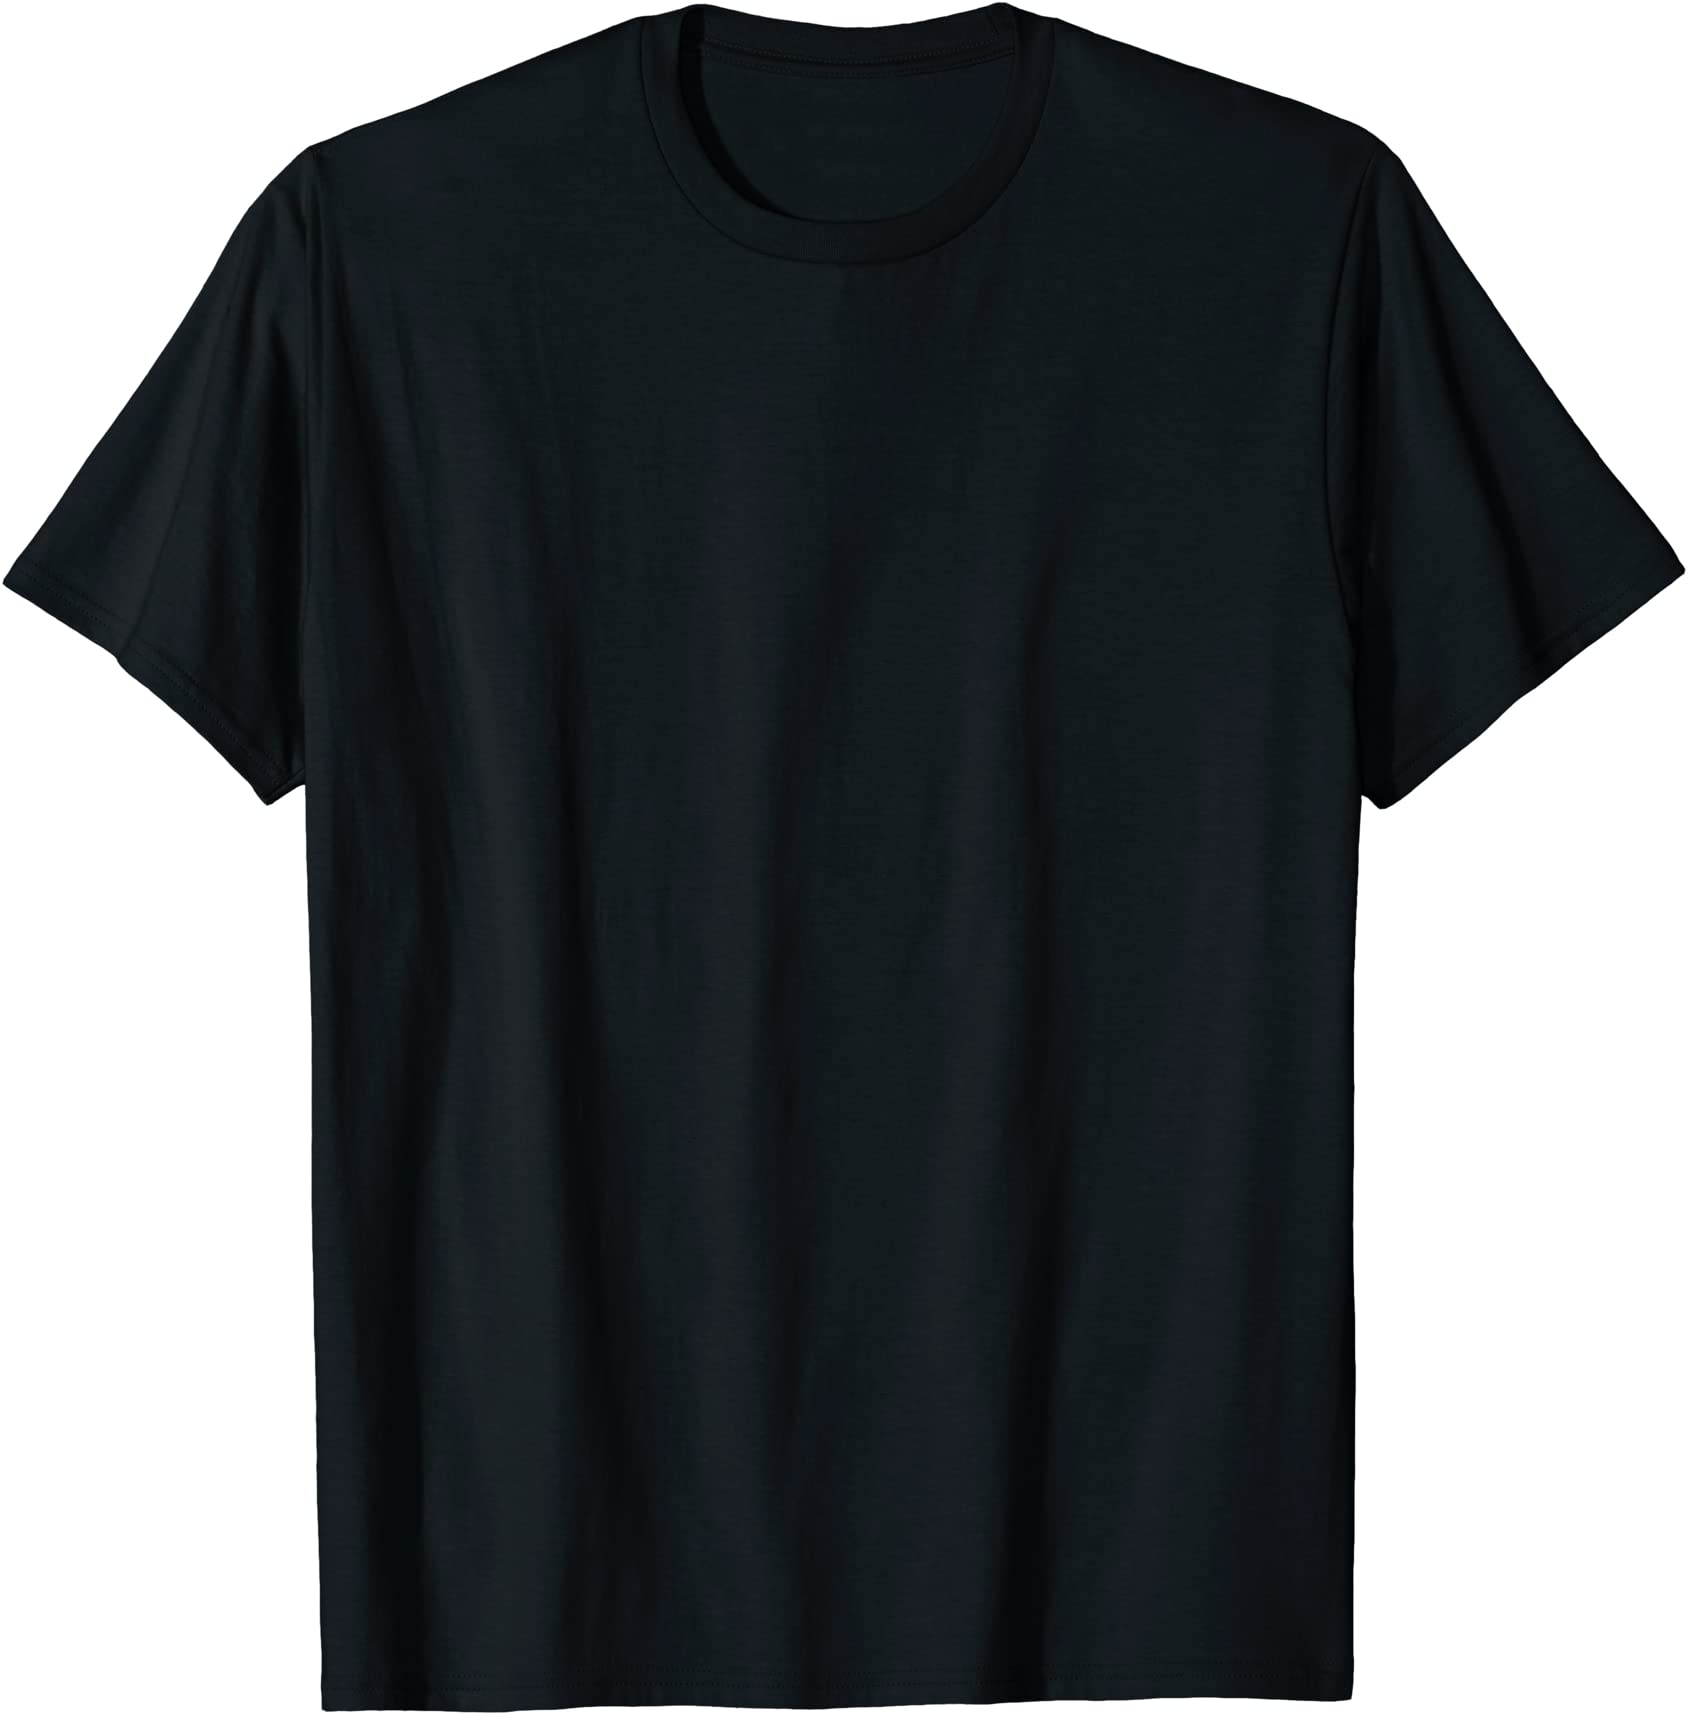 I Love Lizards Tee Shirt Lizard T Shirt